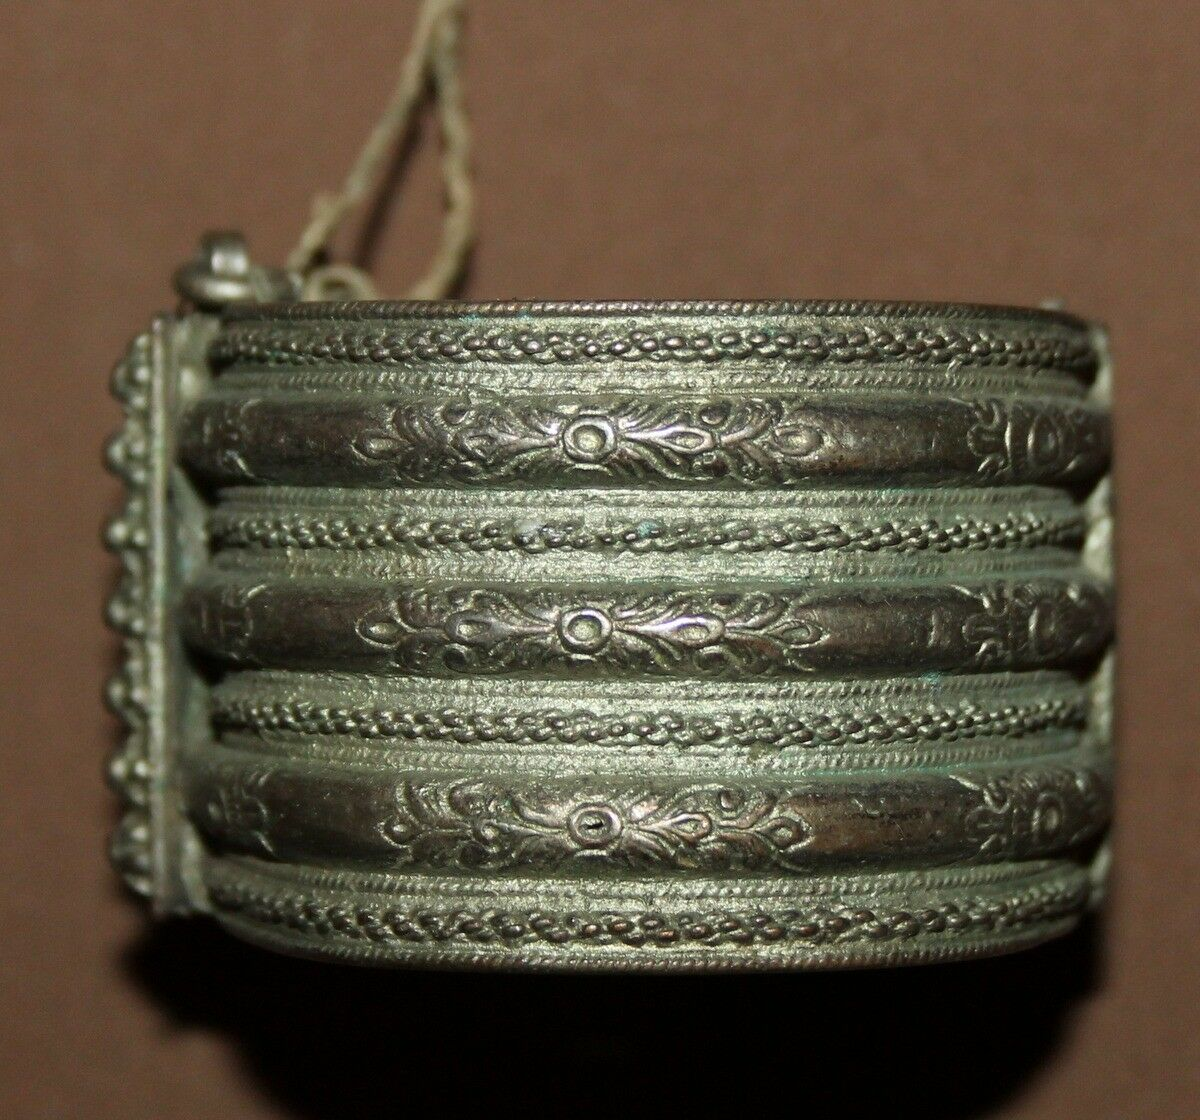 Antique Greek Folk ornate floral Silver Hinged Bracelet